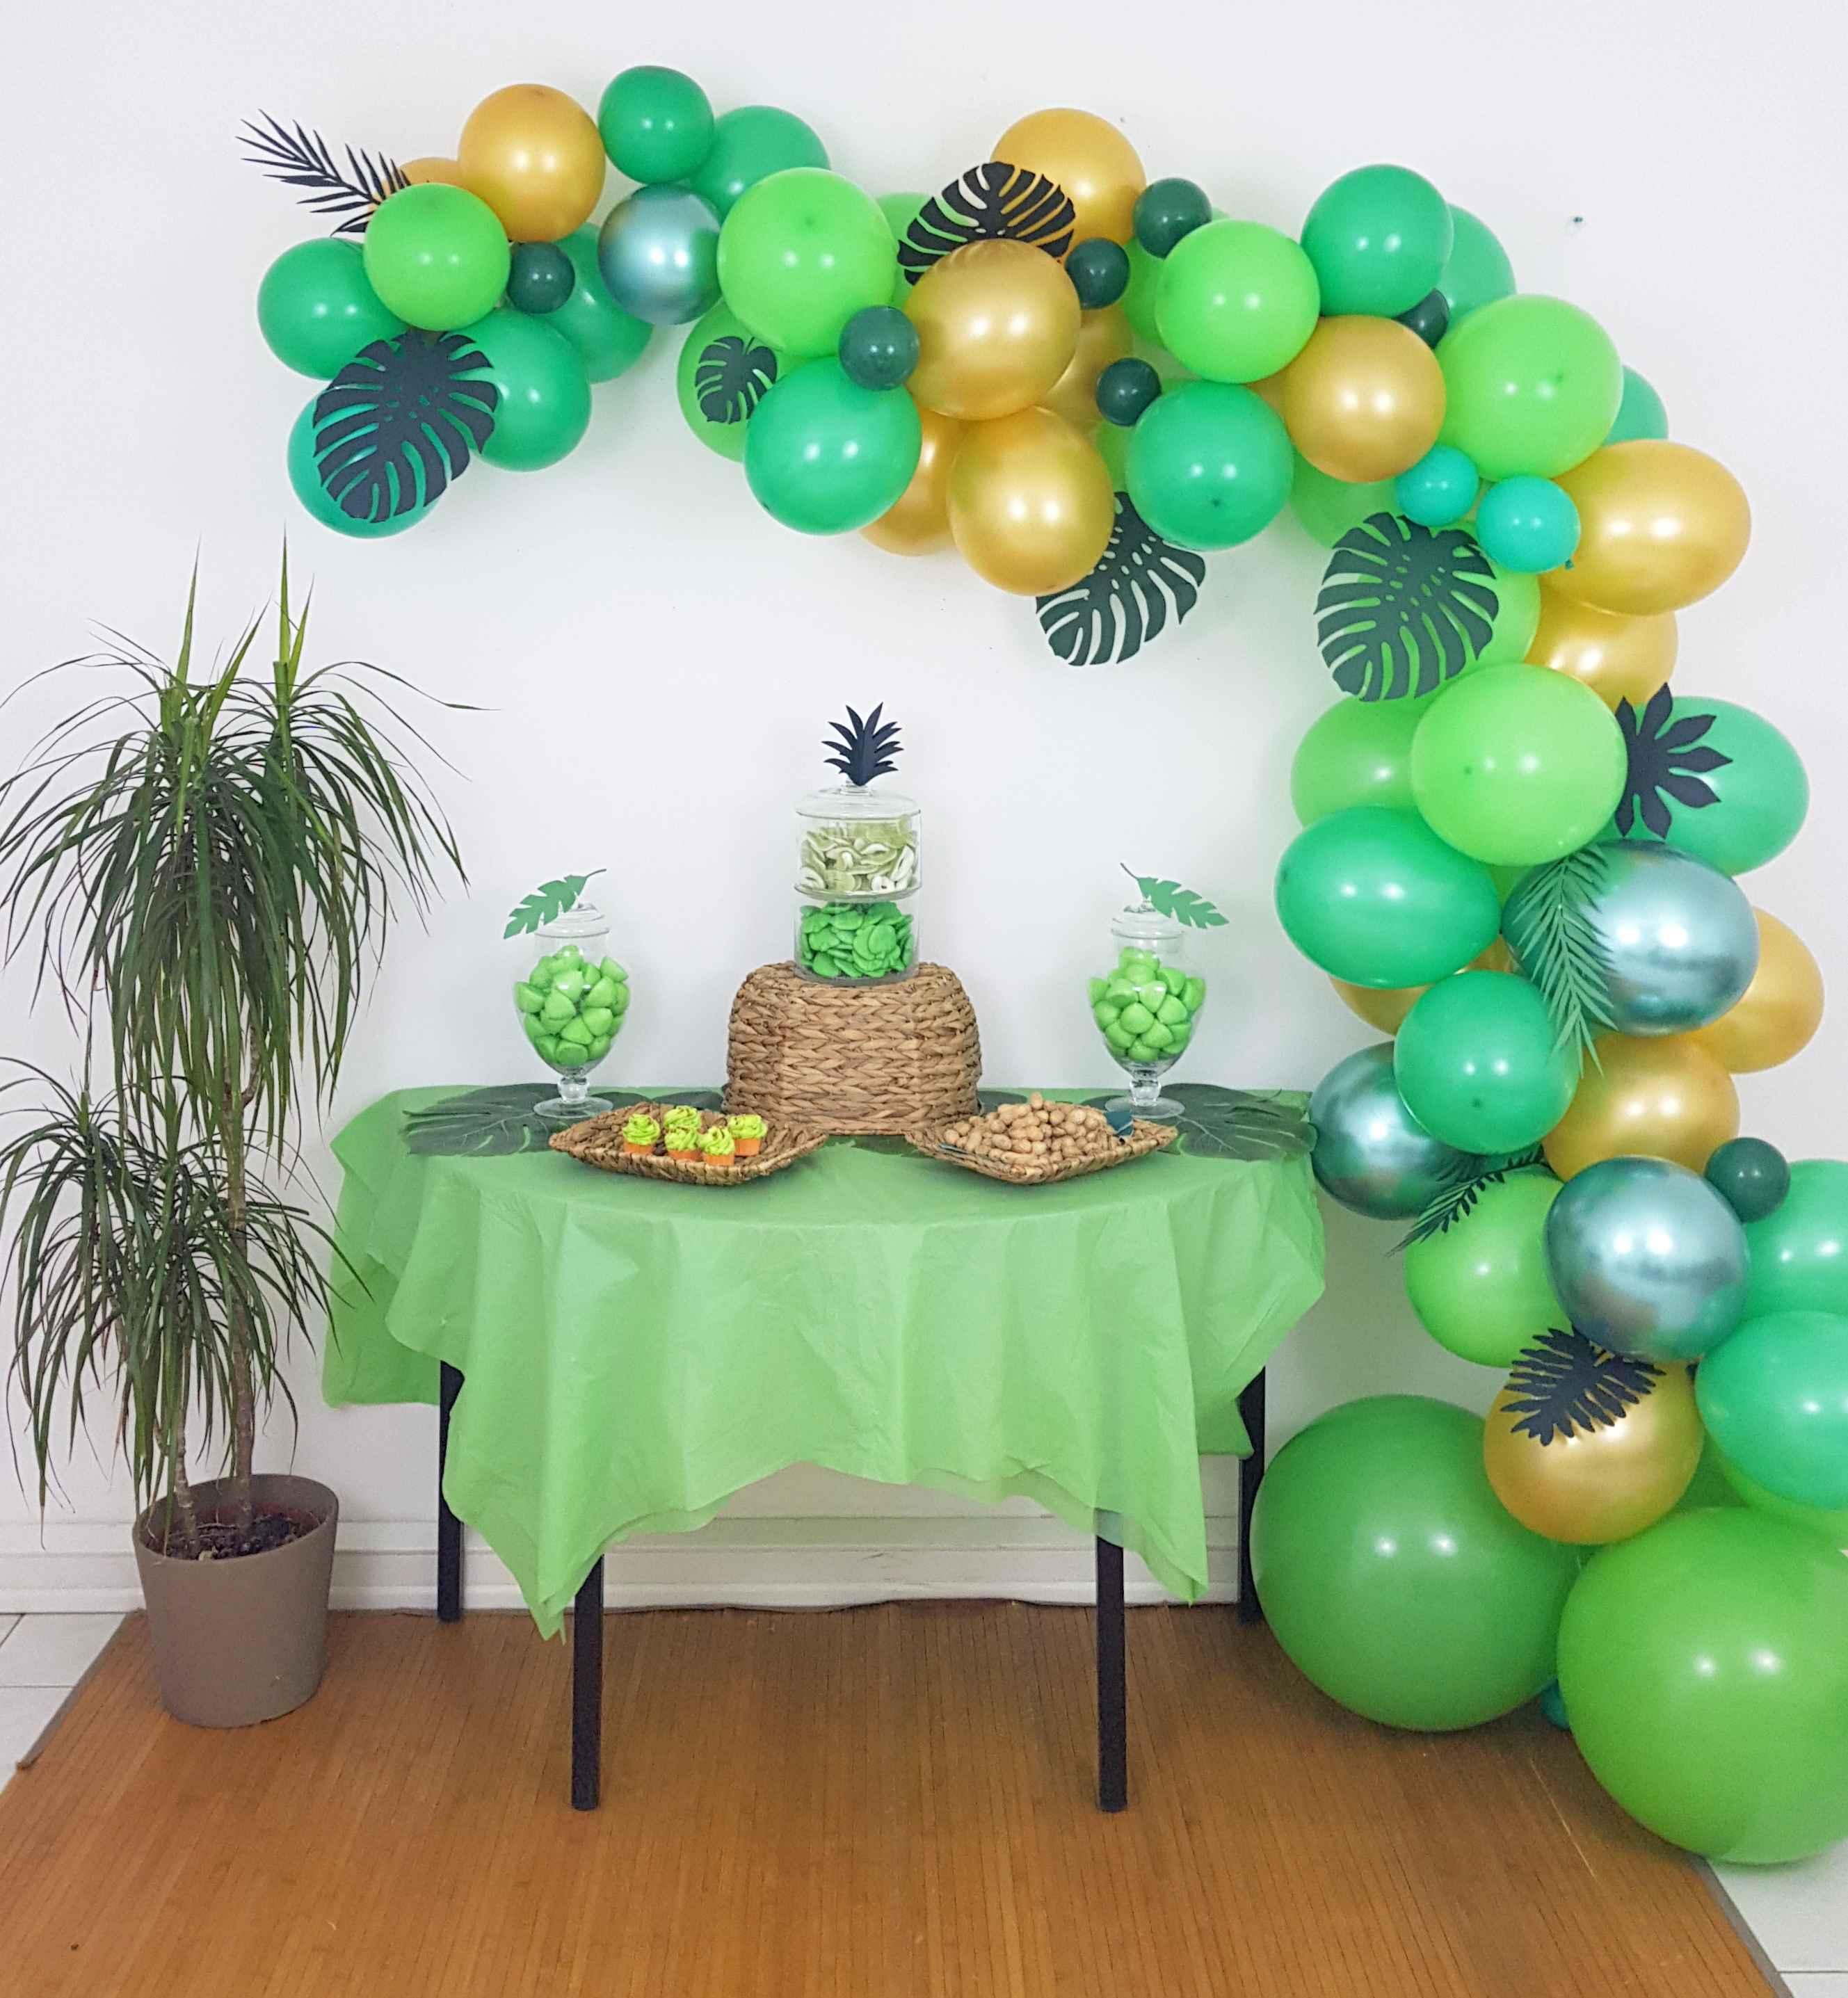 Sweet table anniversaire jungle vert et dor - Deco table jungle ...